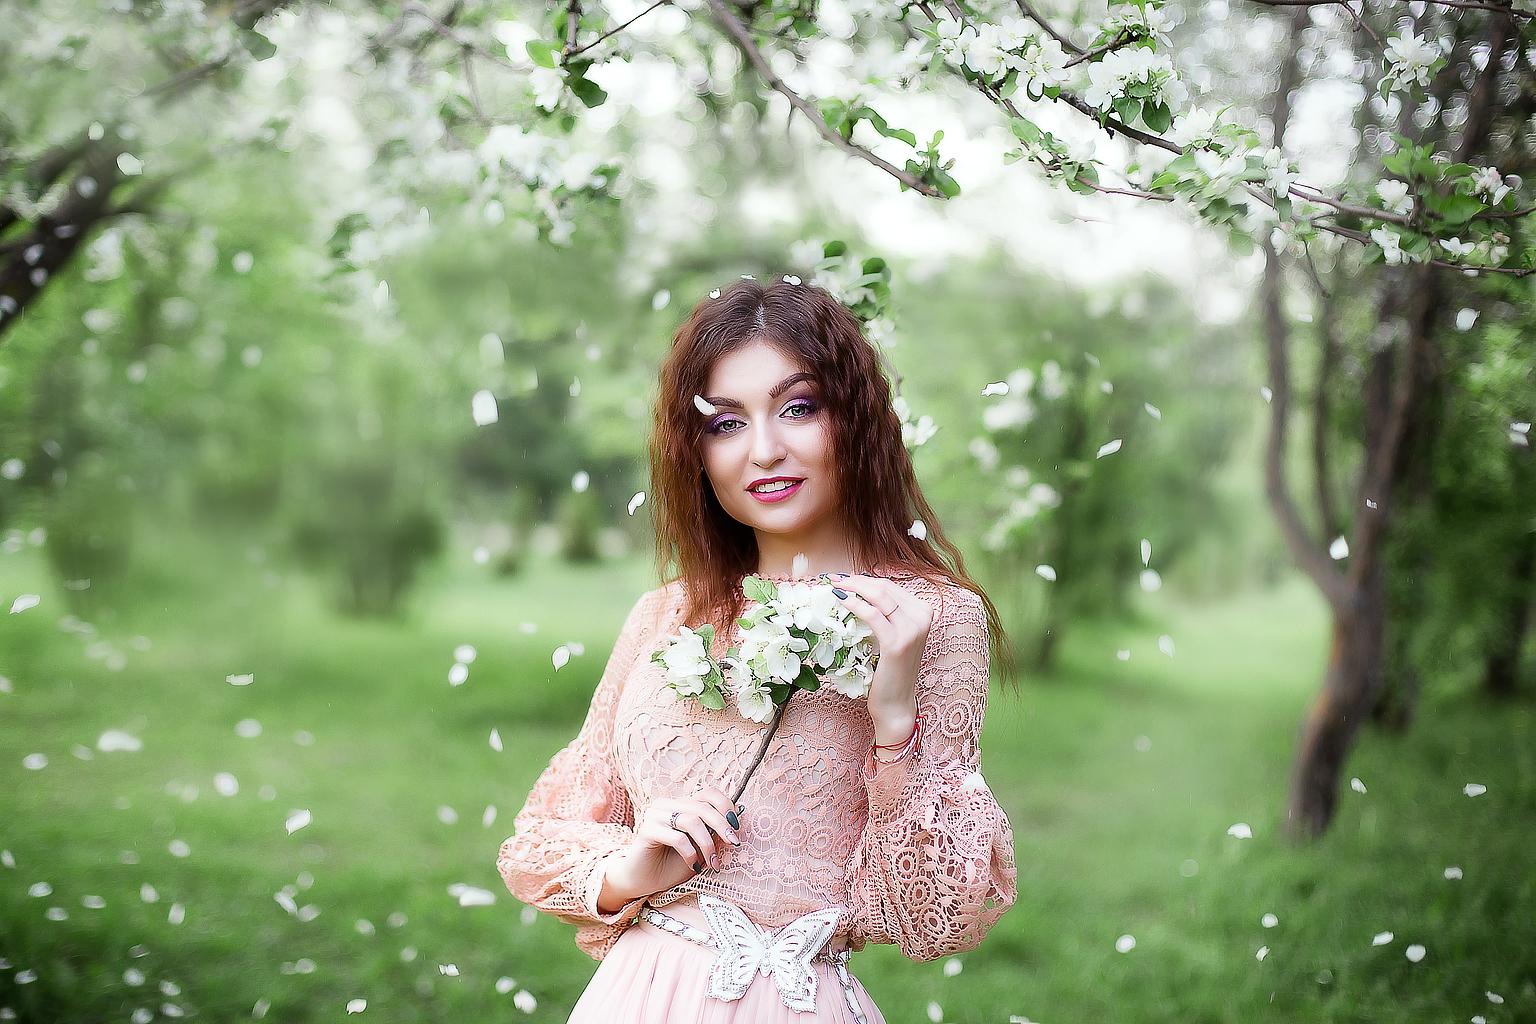 обработка фото с цветущими деревьями скромненько, без